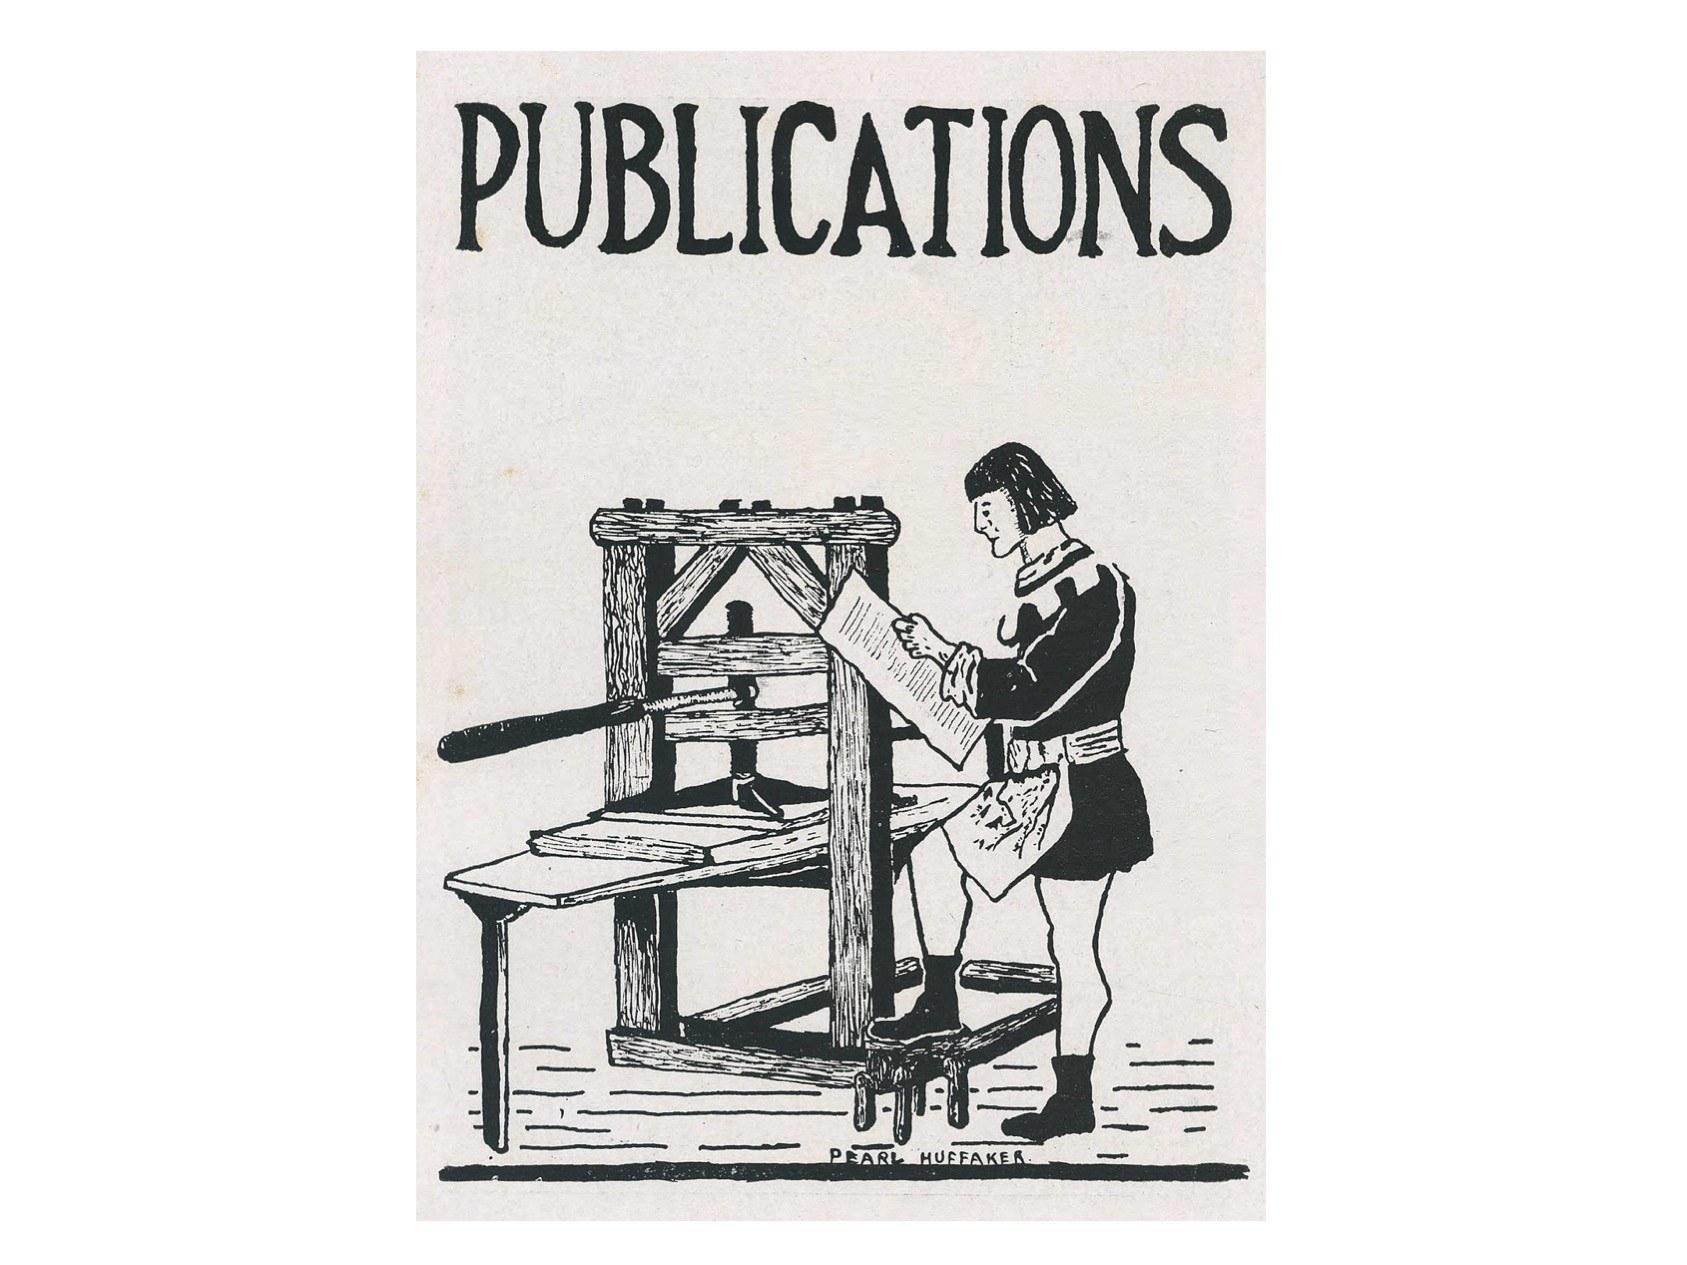 EXTOD publications